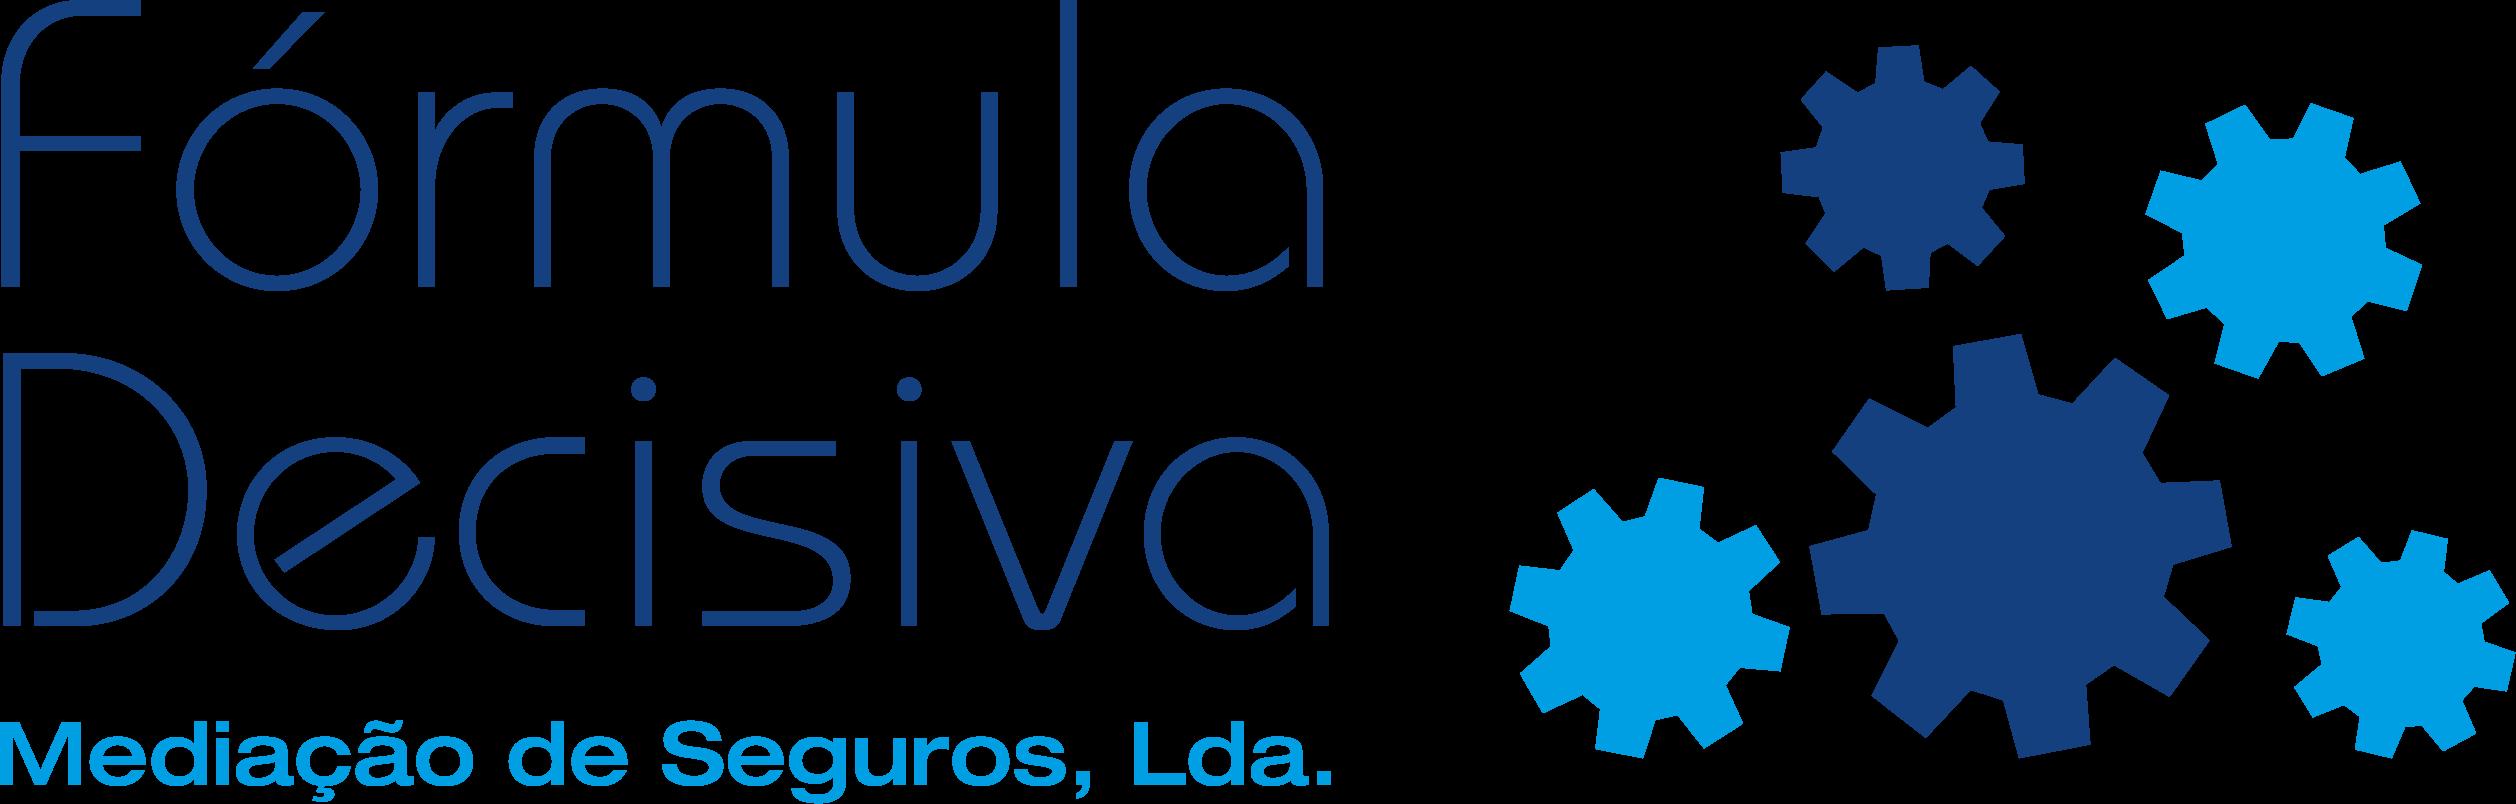 Fórmula Decisiva mediação de seguros Algarve, Portimão